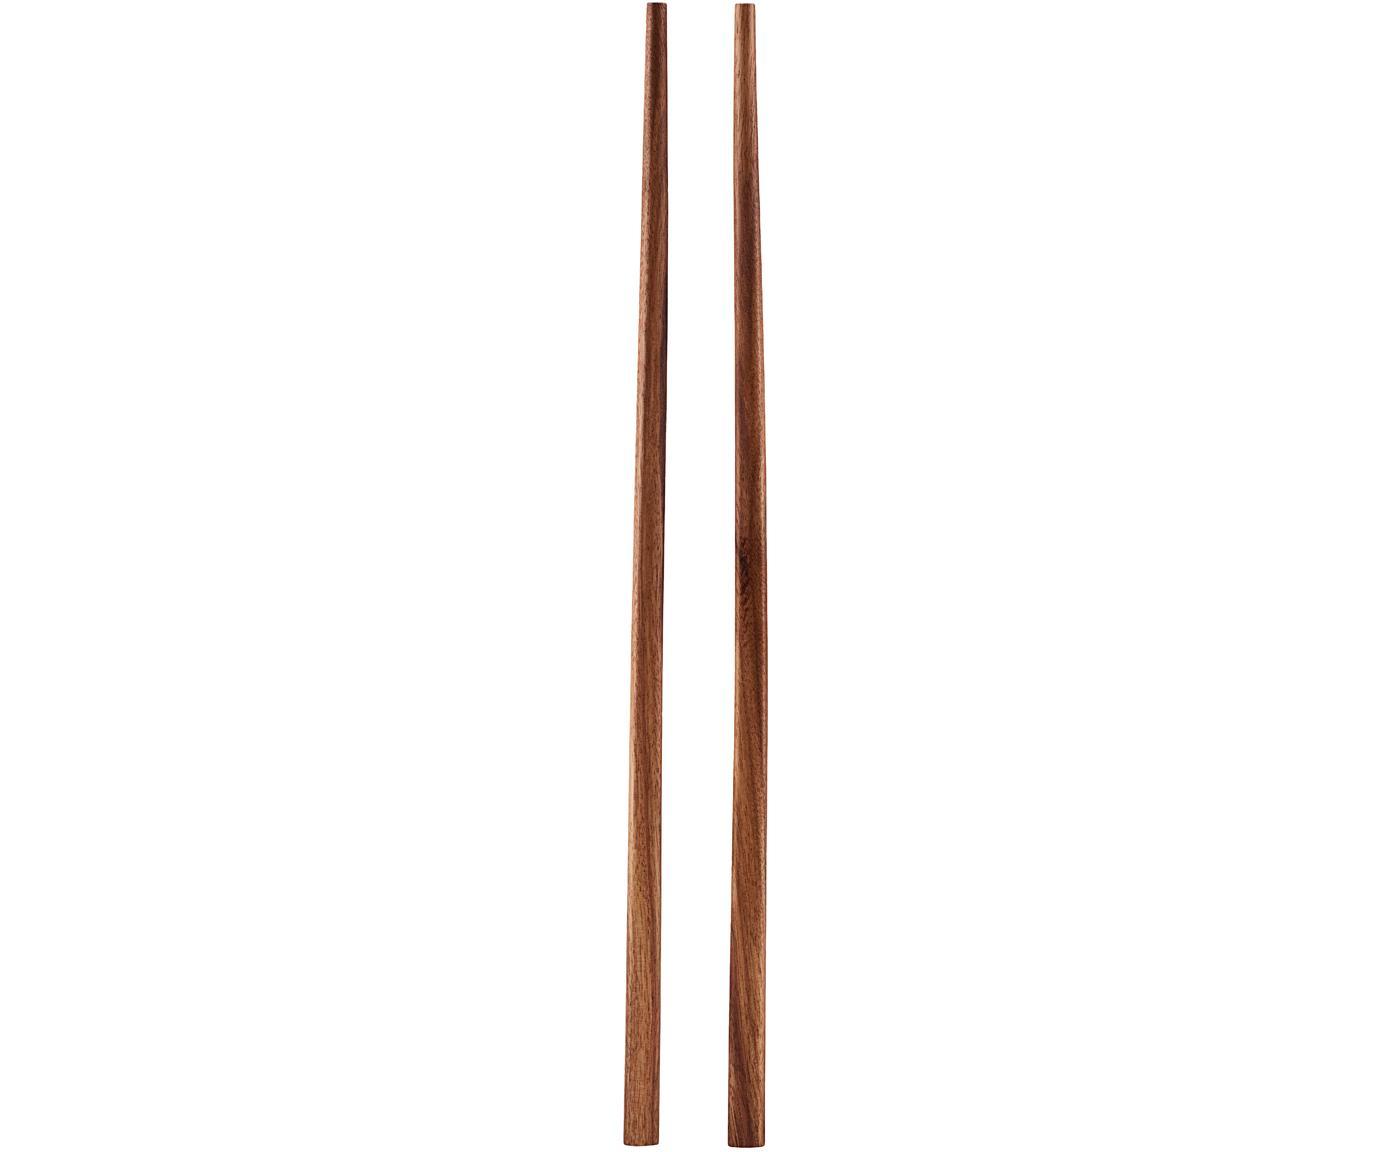 Pałeczki Asia, 6 szt., Drewno Palawan, Drewno Palawan, D 23 cm